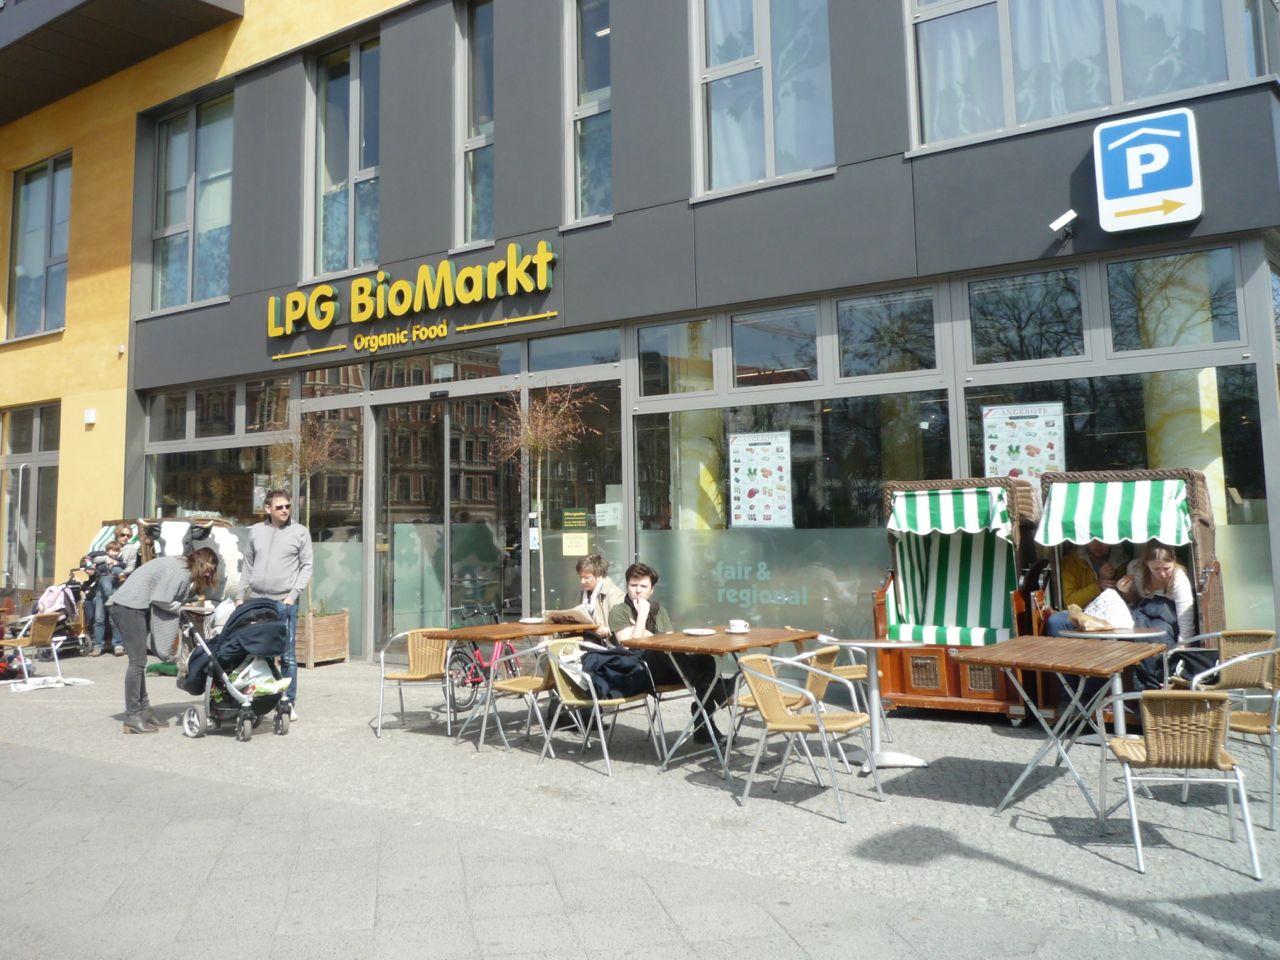 LPG Biomarkt Berlin